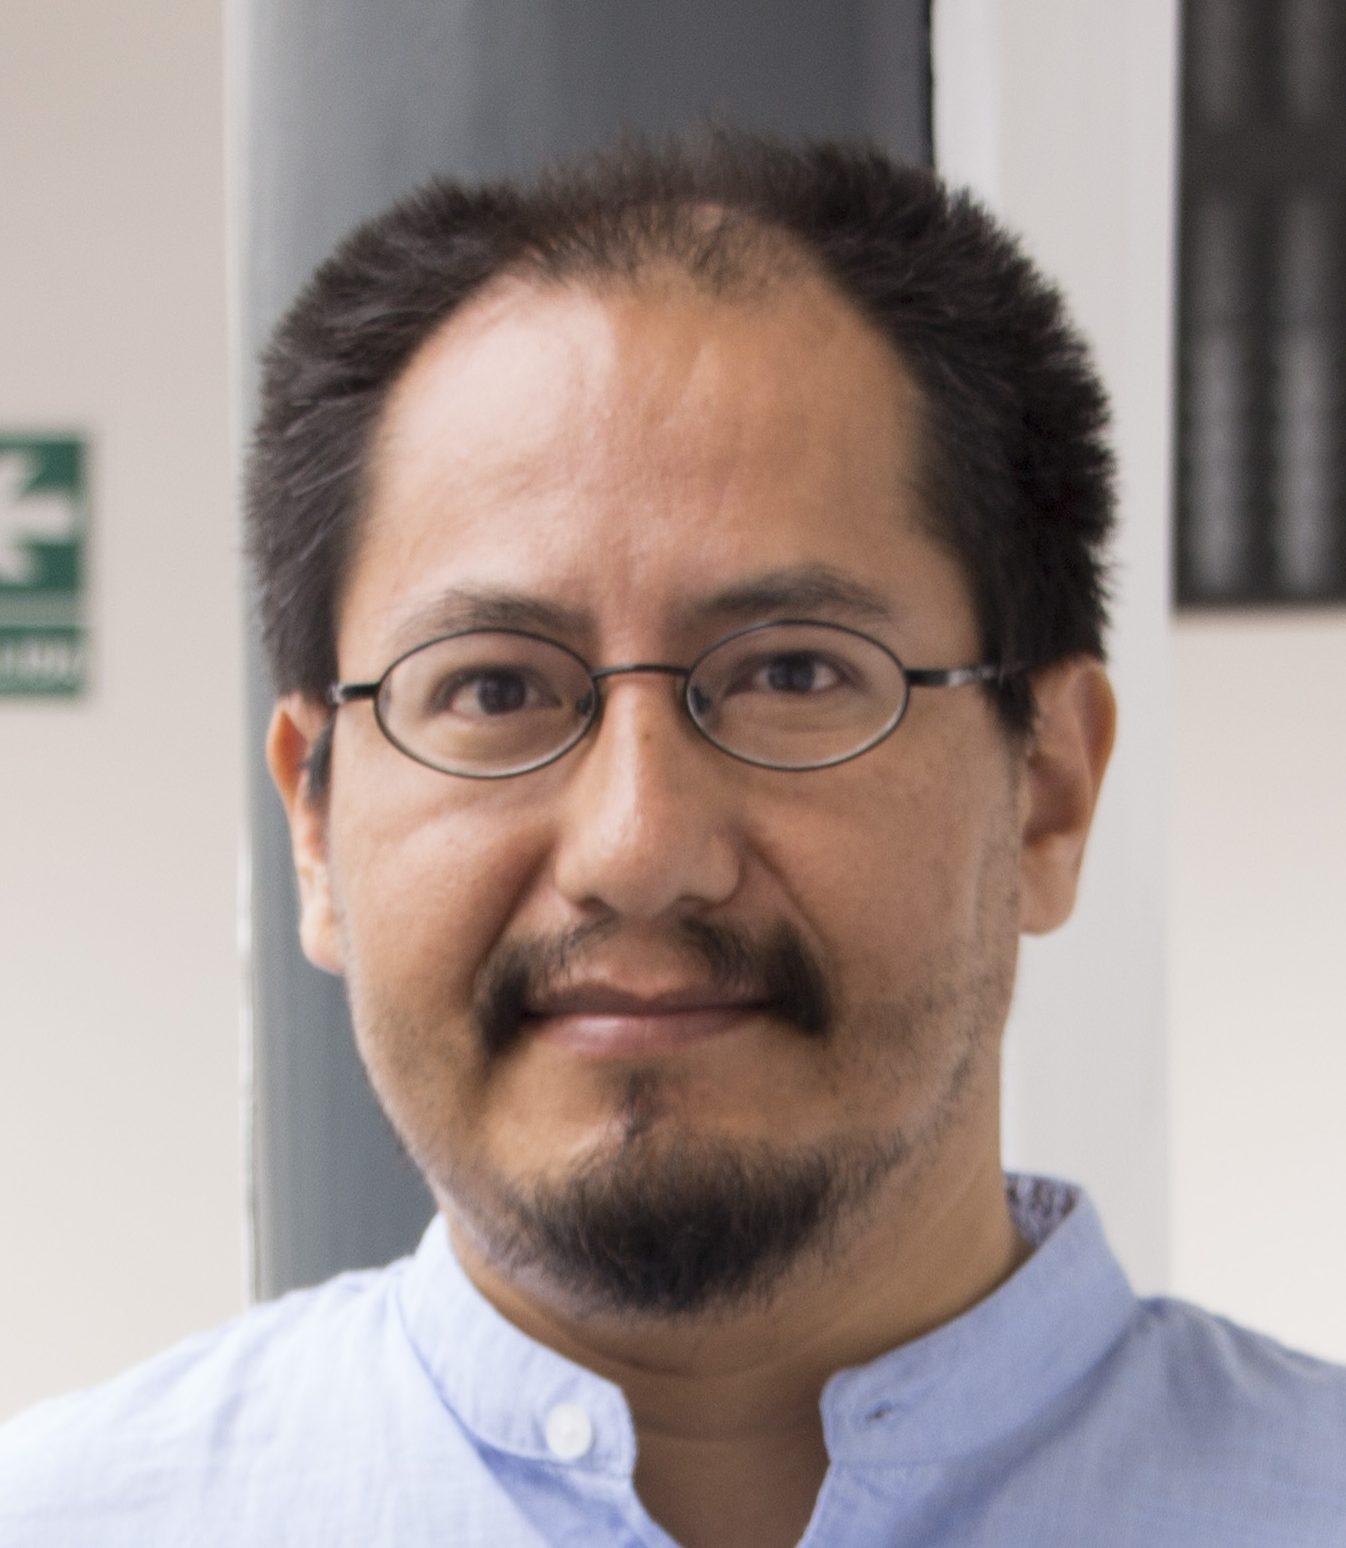 Marcos Garfias